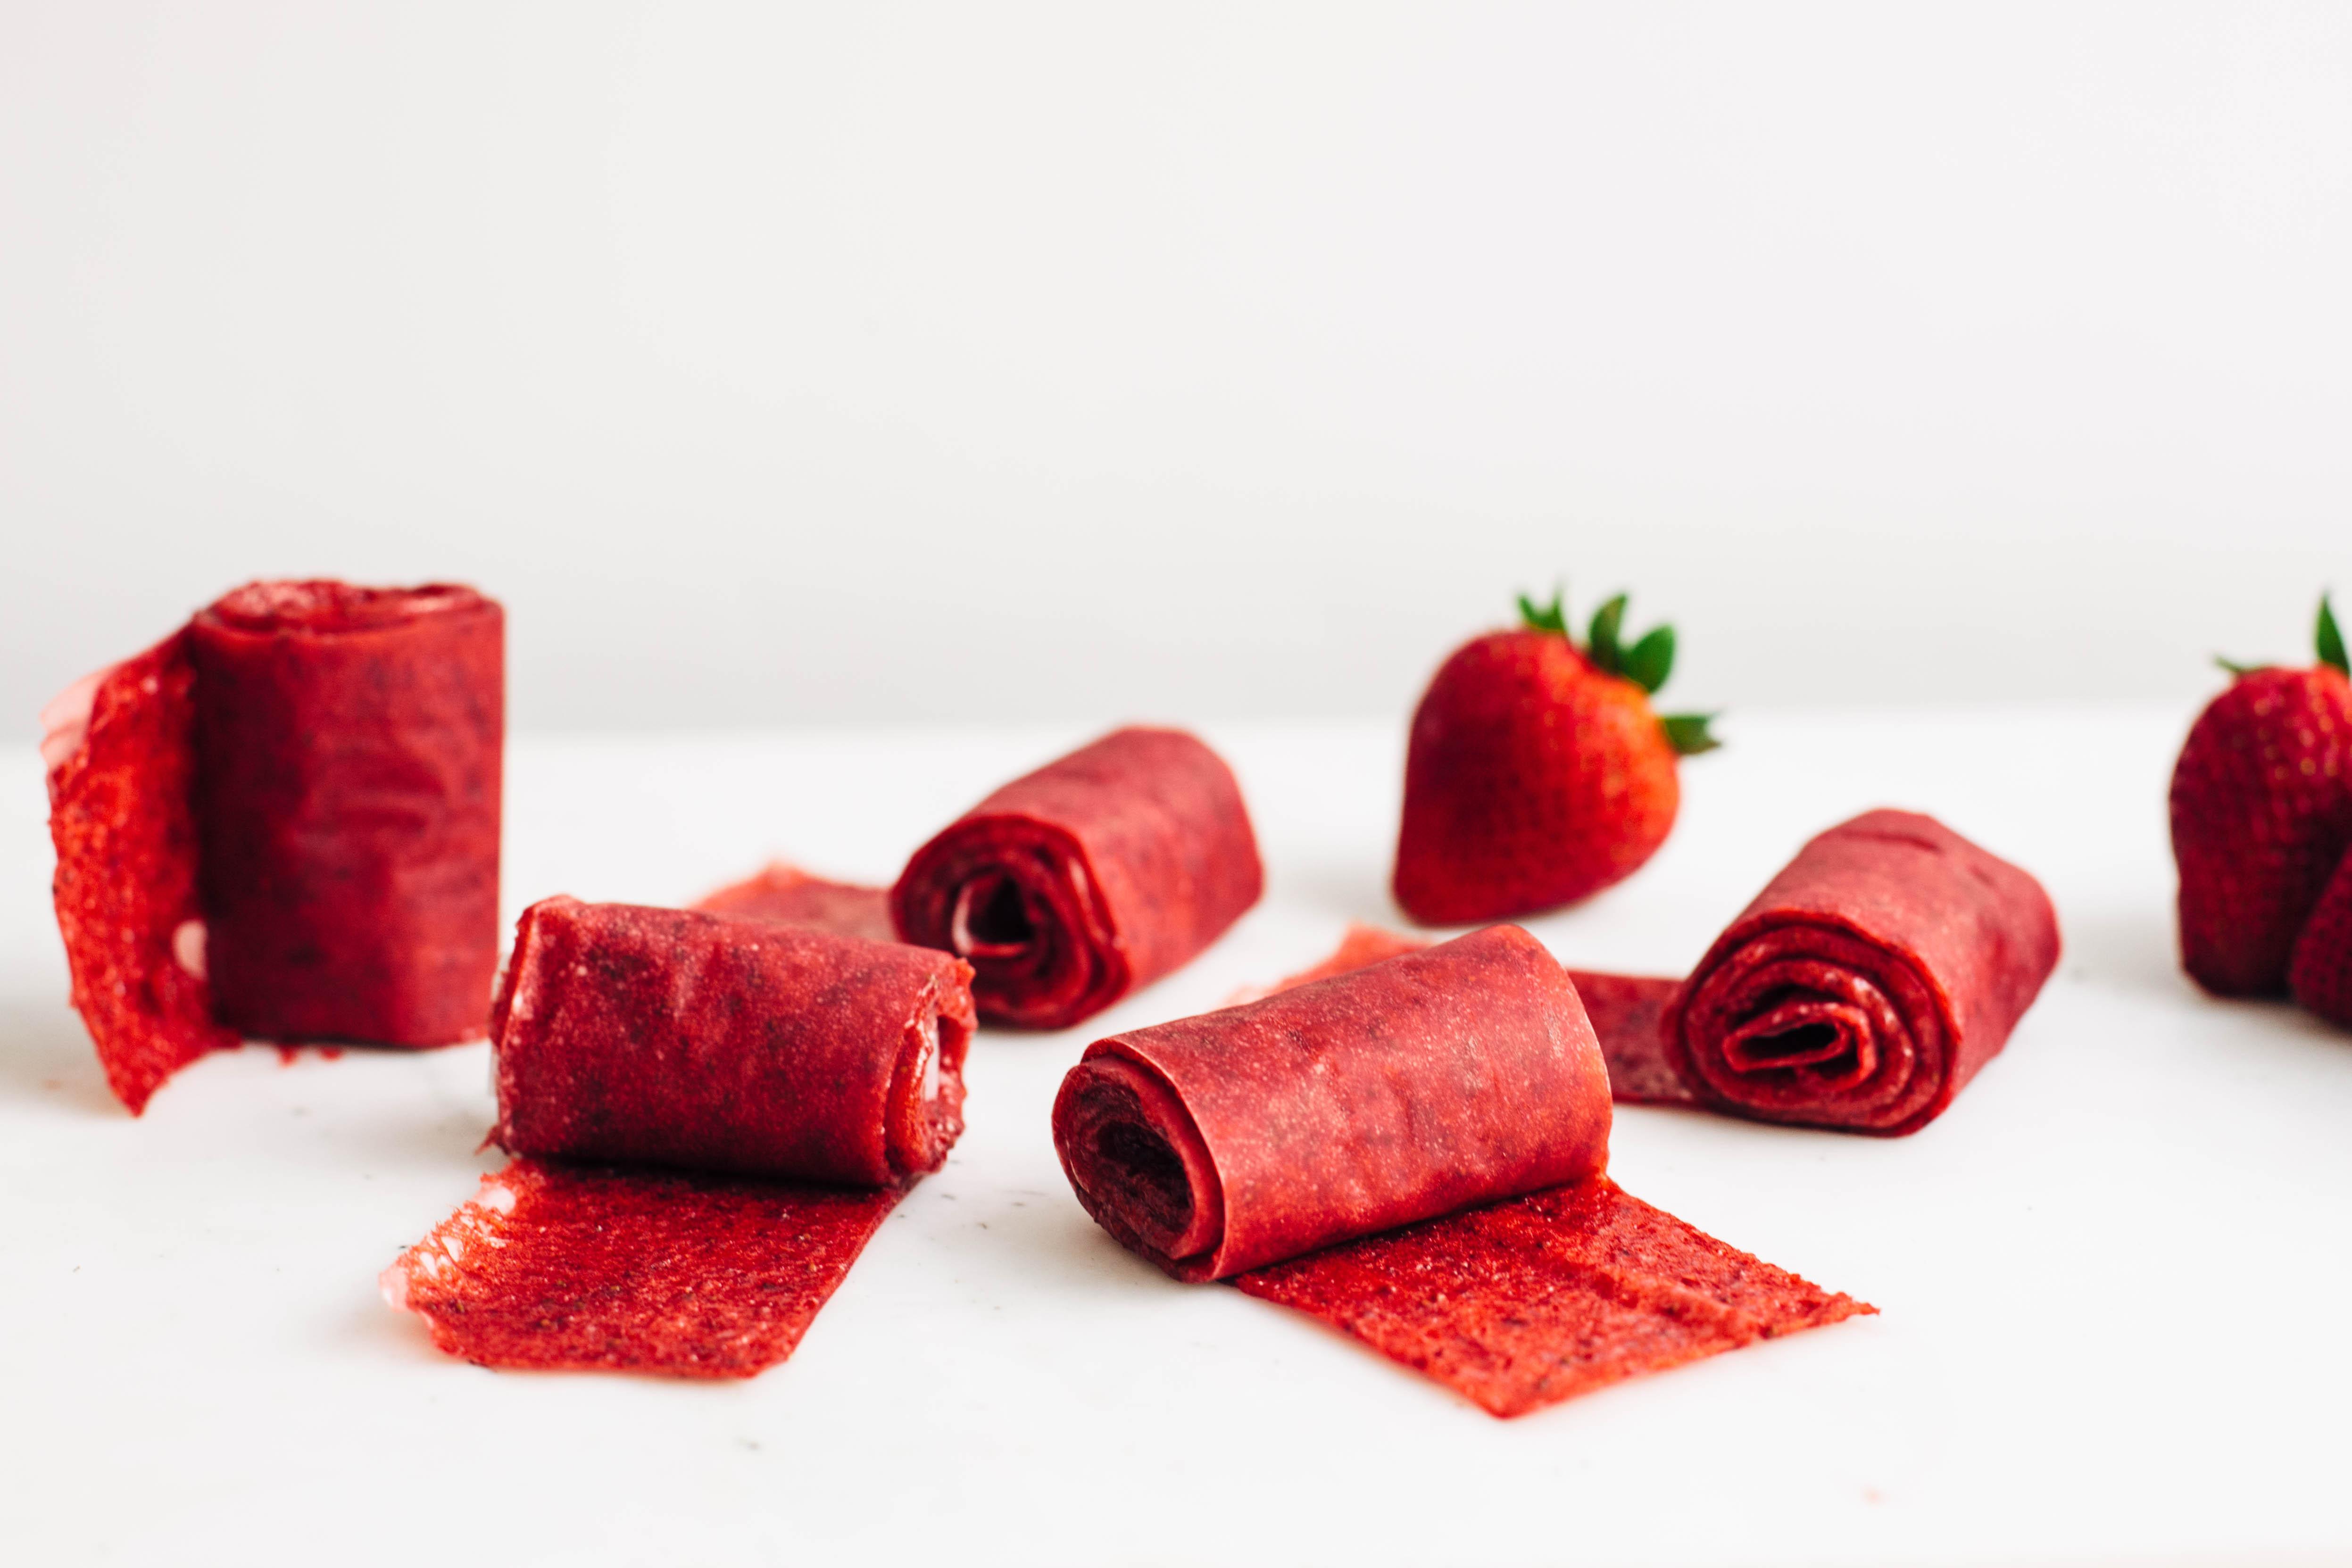 fruit_roll_up-9.jpg